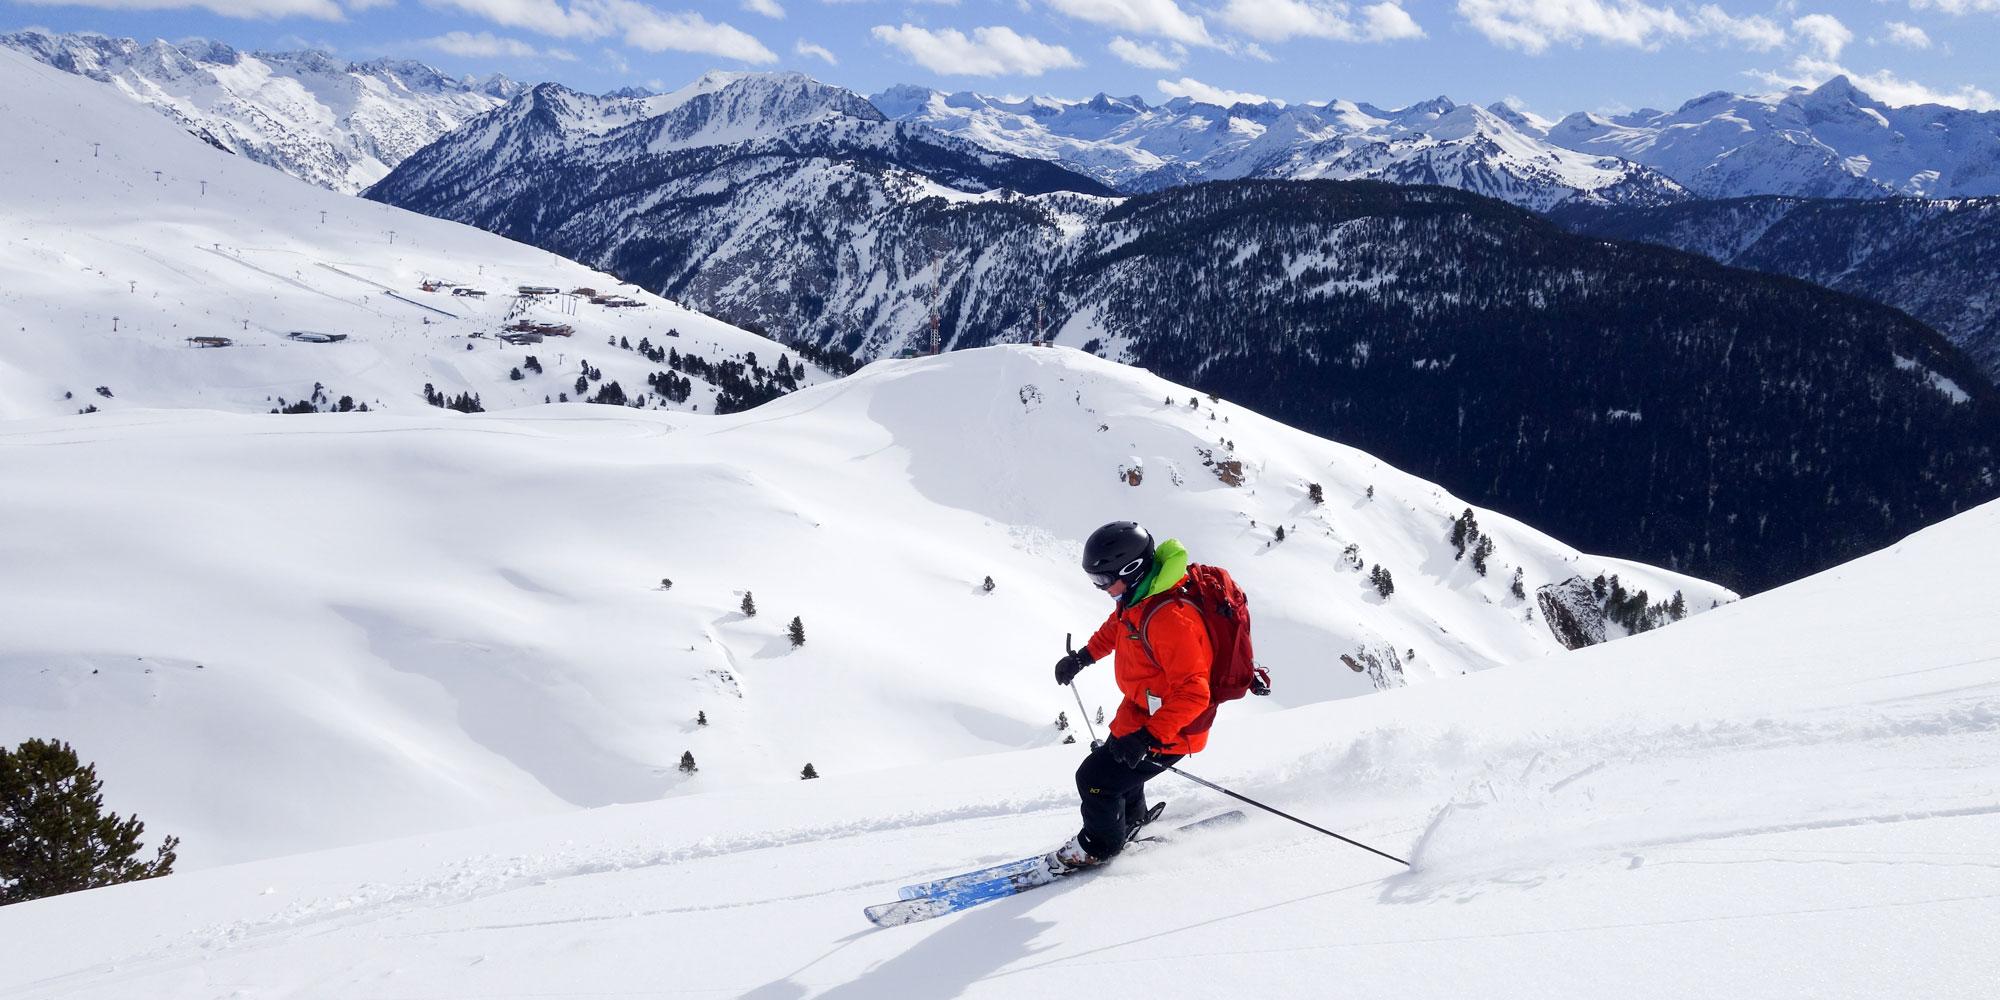 Extensive skiing